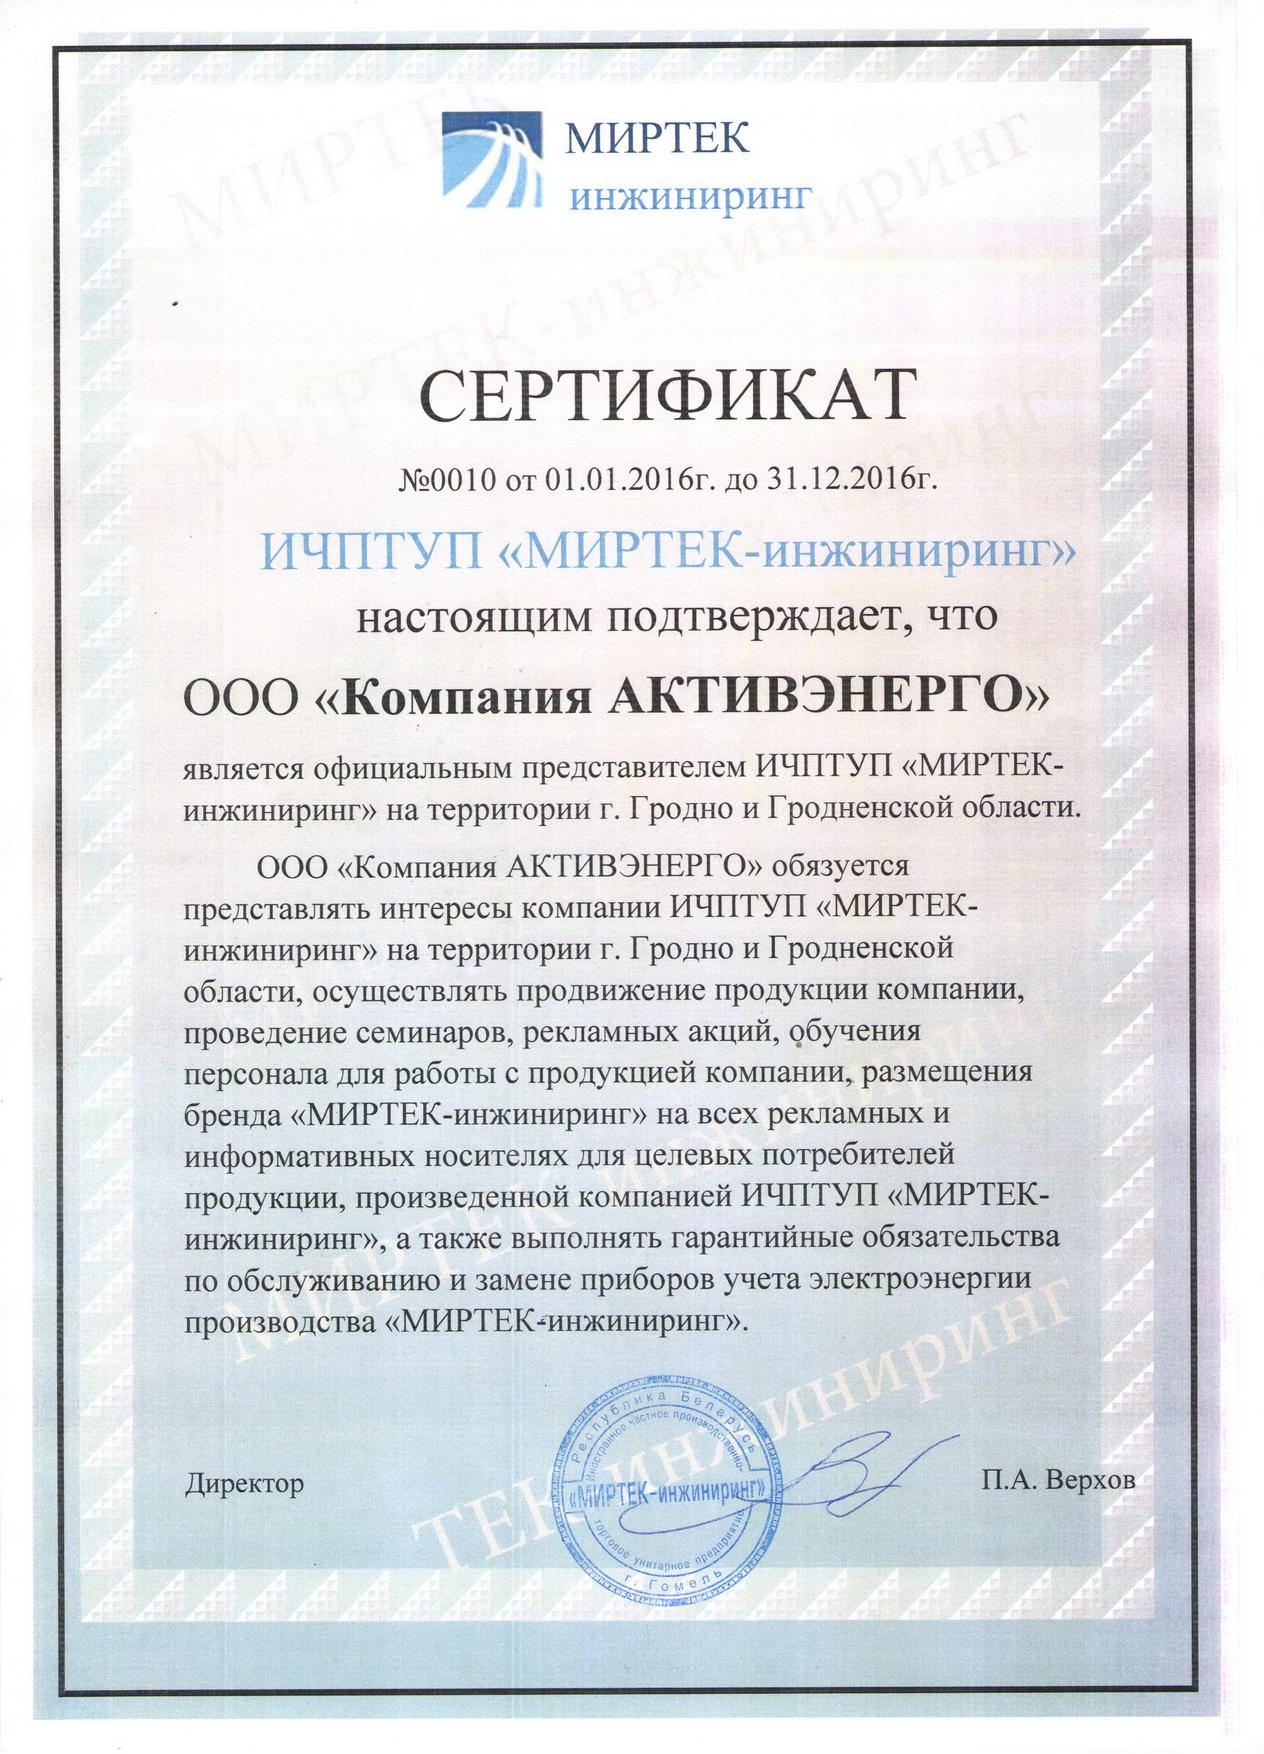 sertifikat-aktivenergo_umen-razm